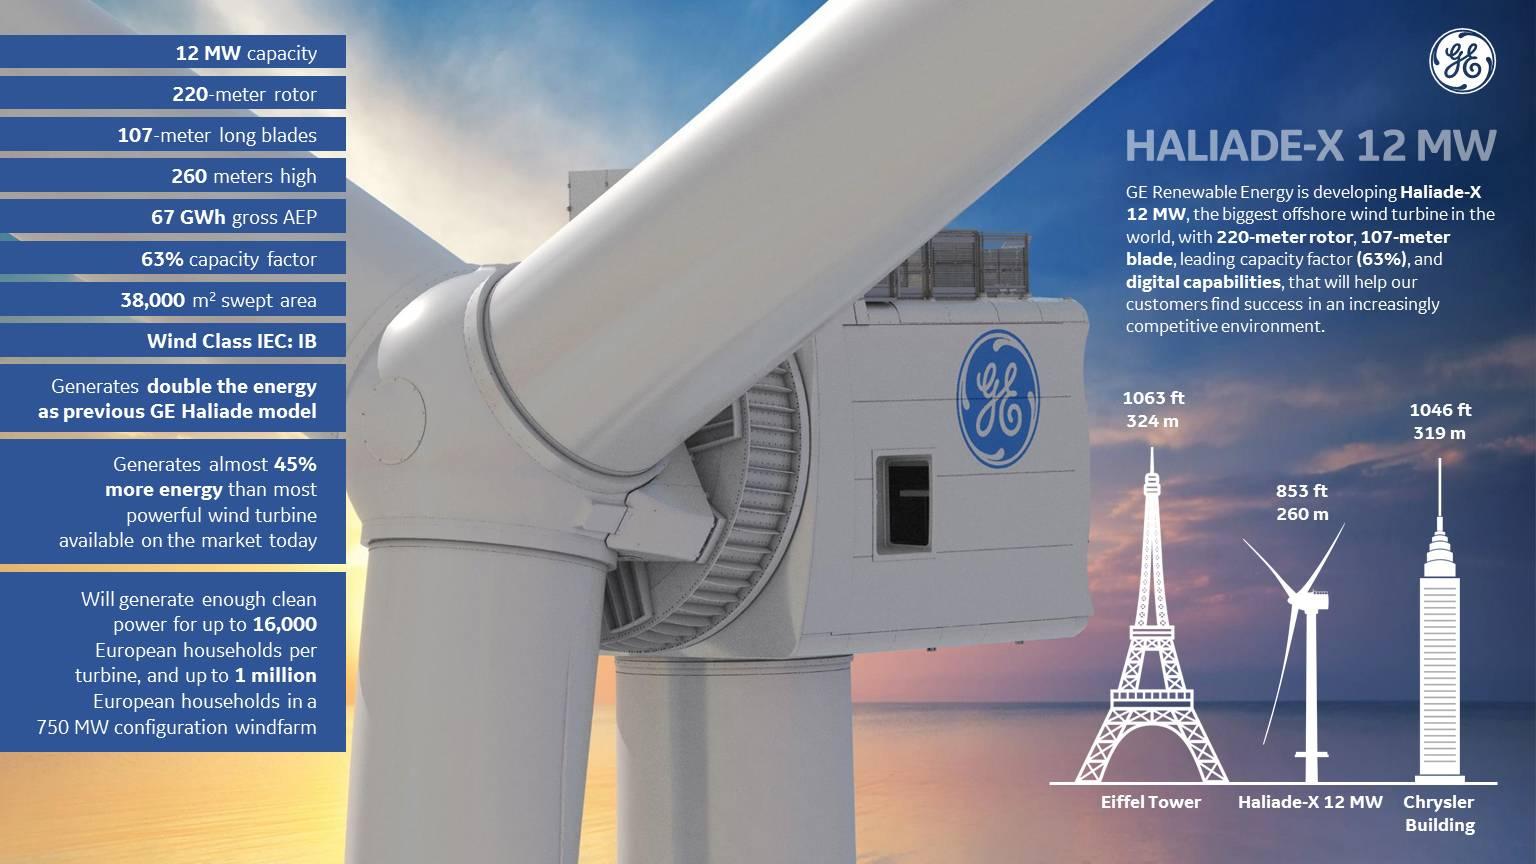 荷兰将和通用电气联手打造全球最大的风力涡轮机